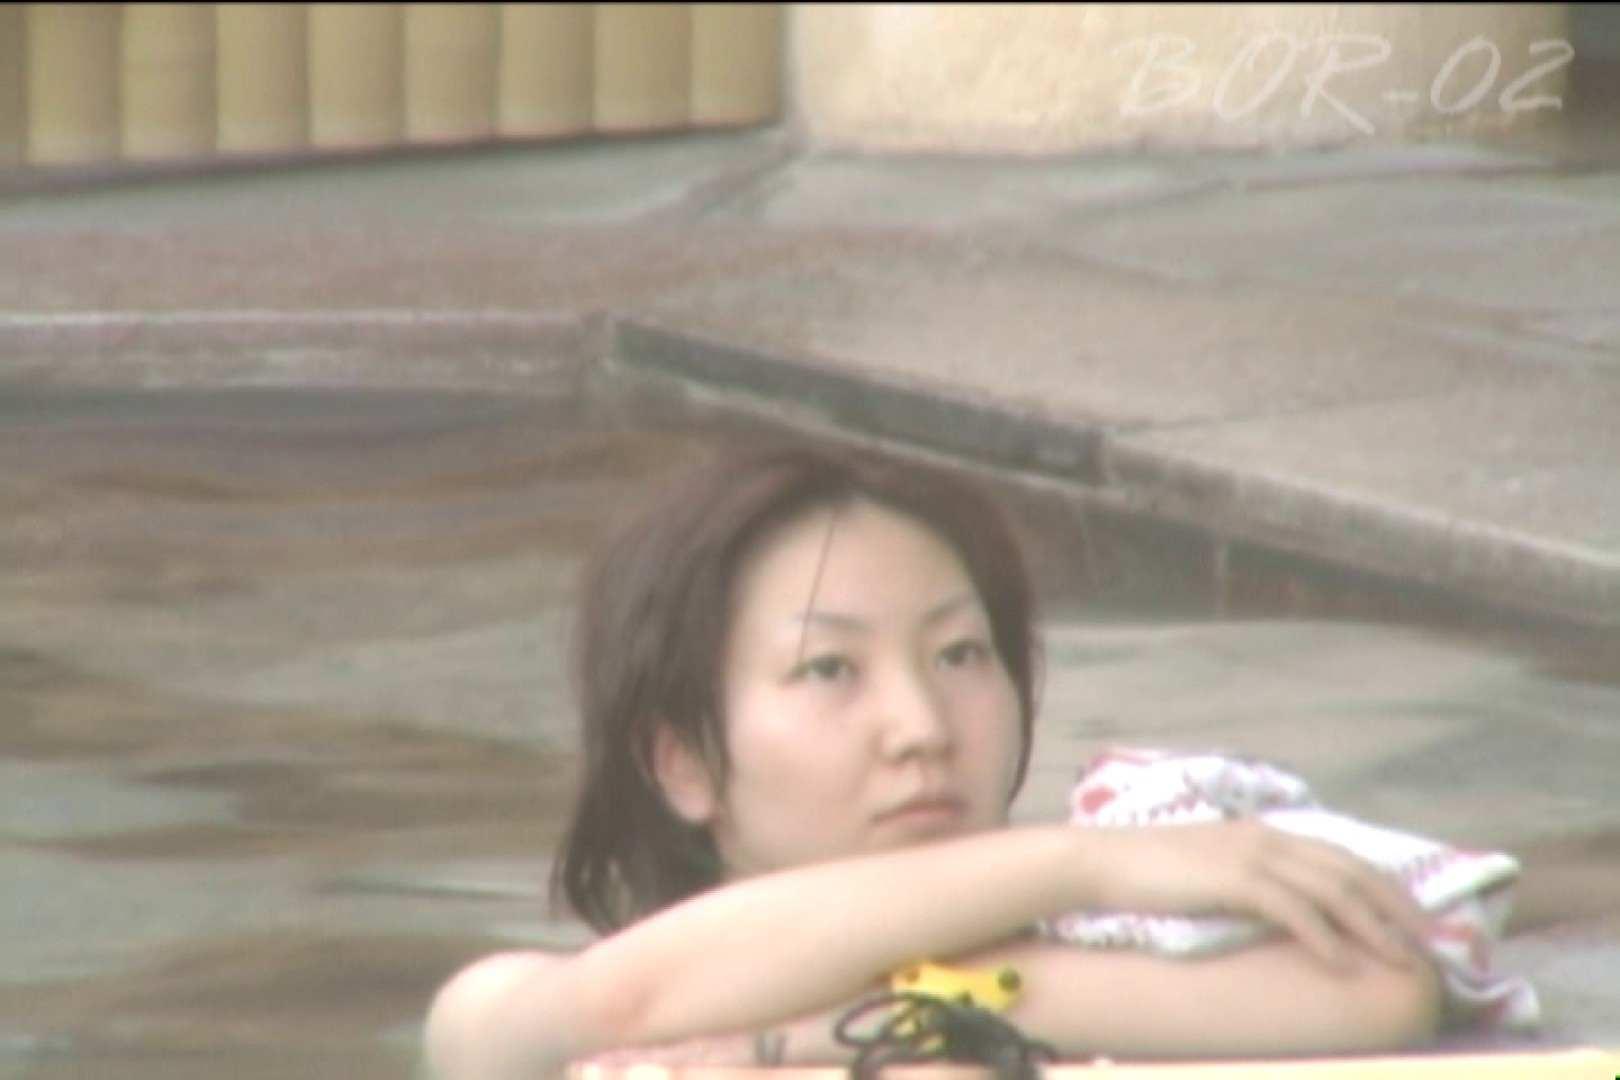 Aquaな露天風呂Vol.478 OL女体 隠し撮りオマンコ動画紹介 56連発 14